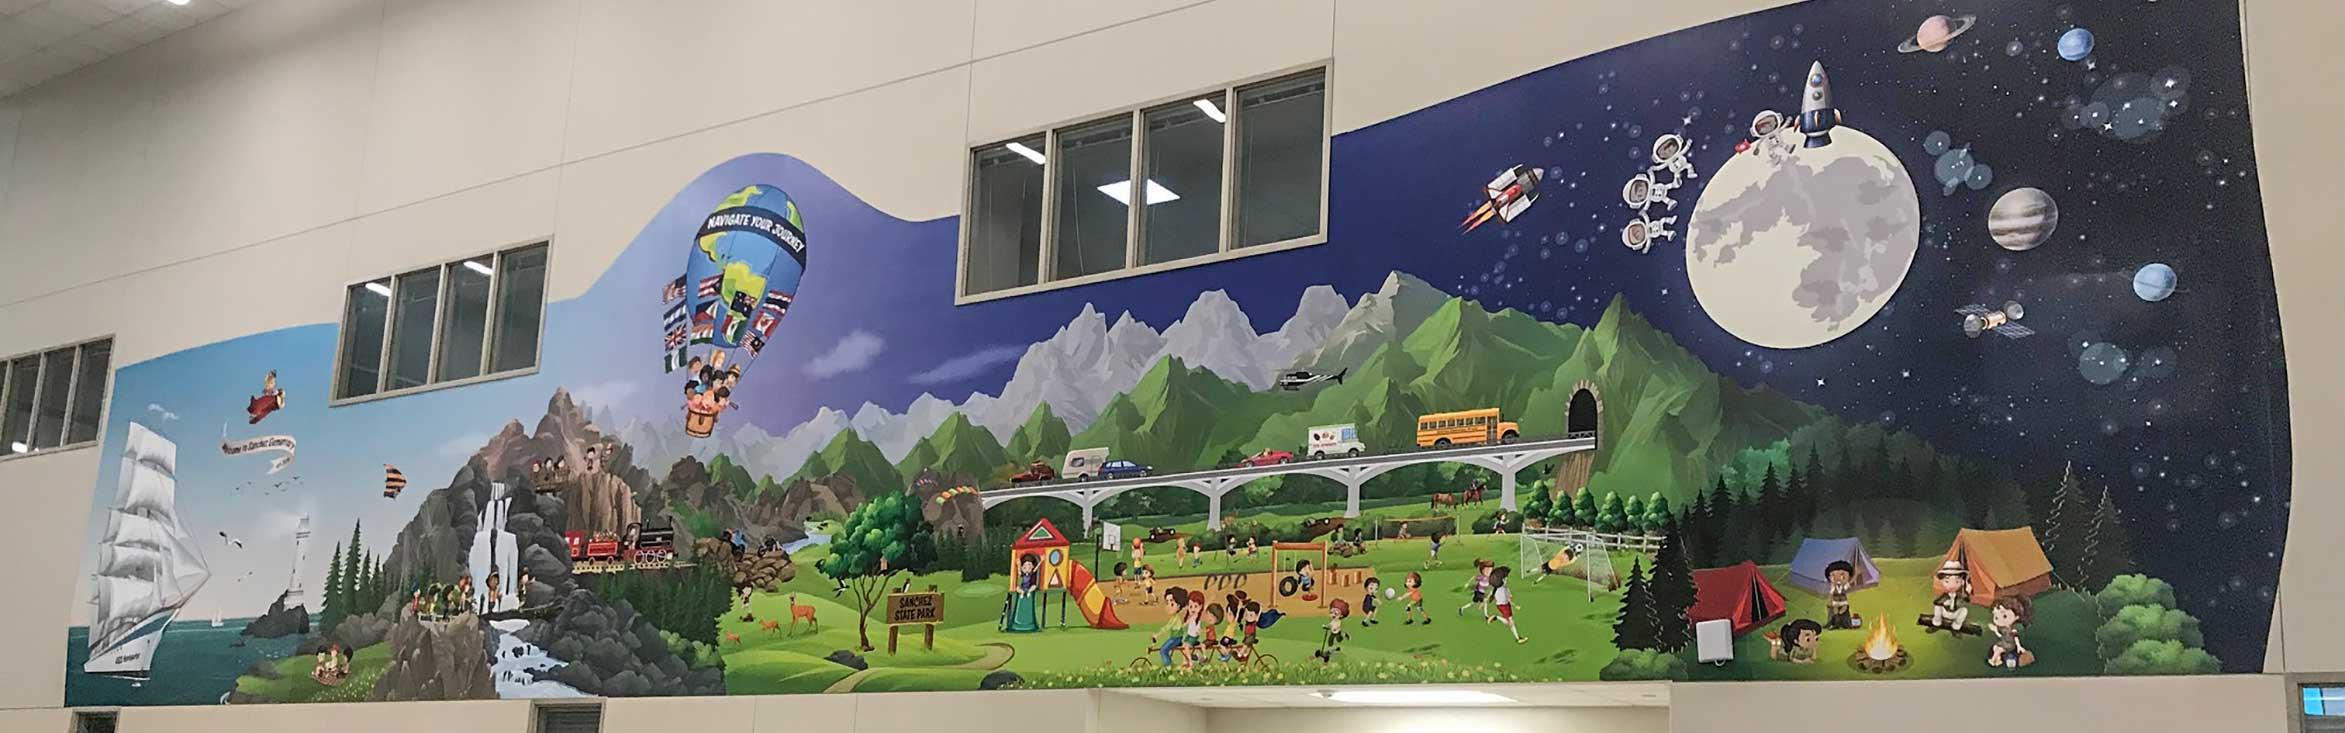 Sanchez-Elementary-School-Murals